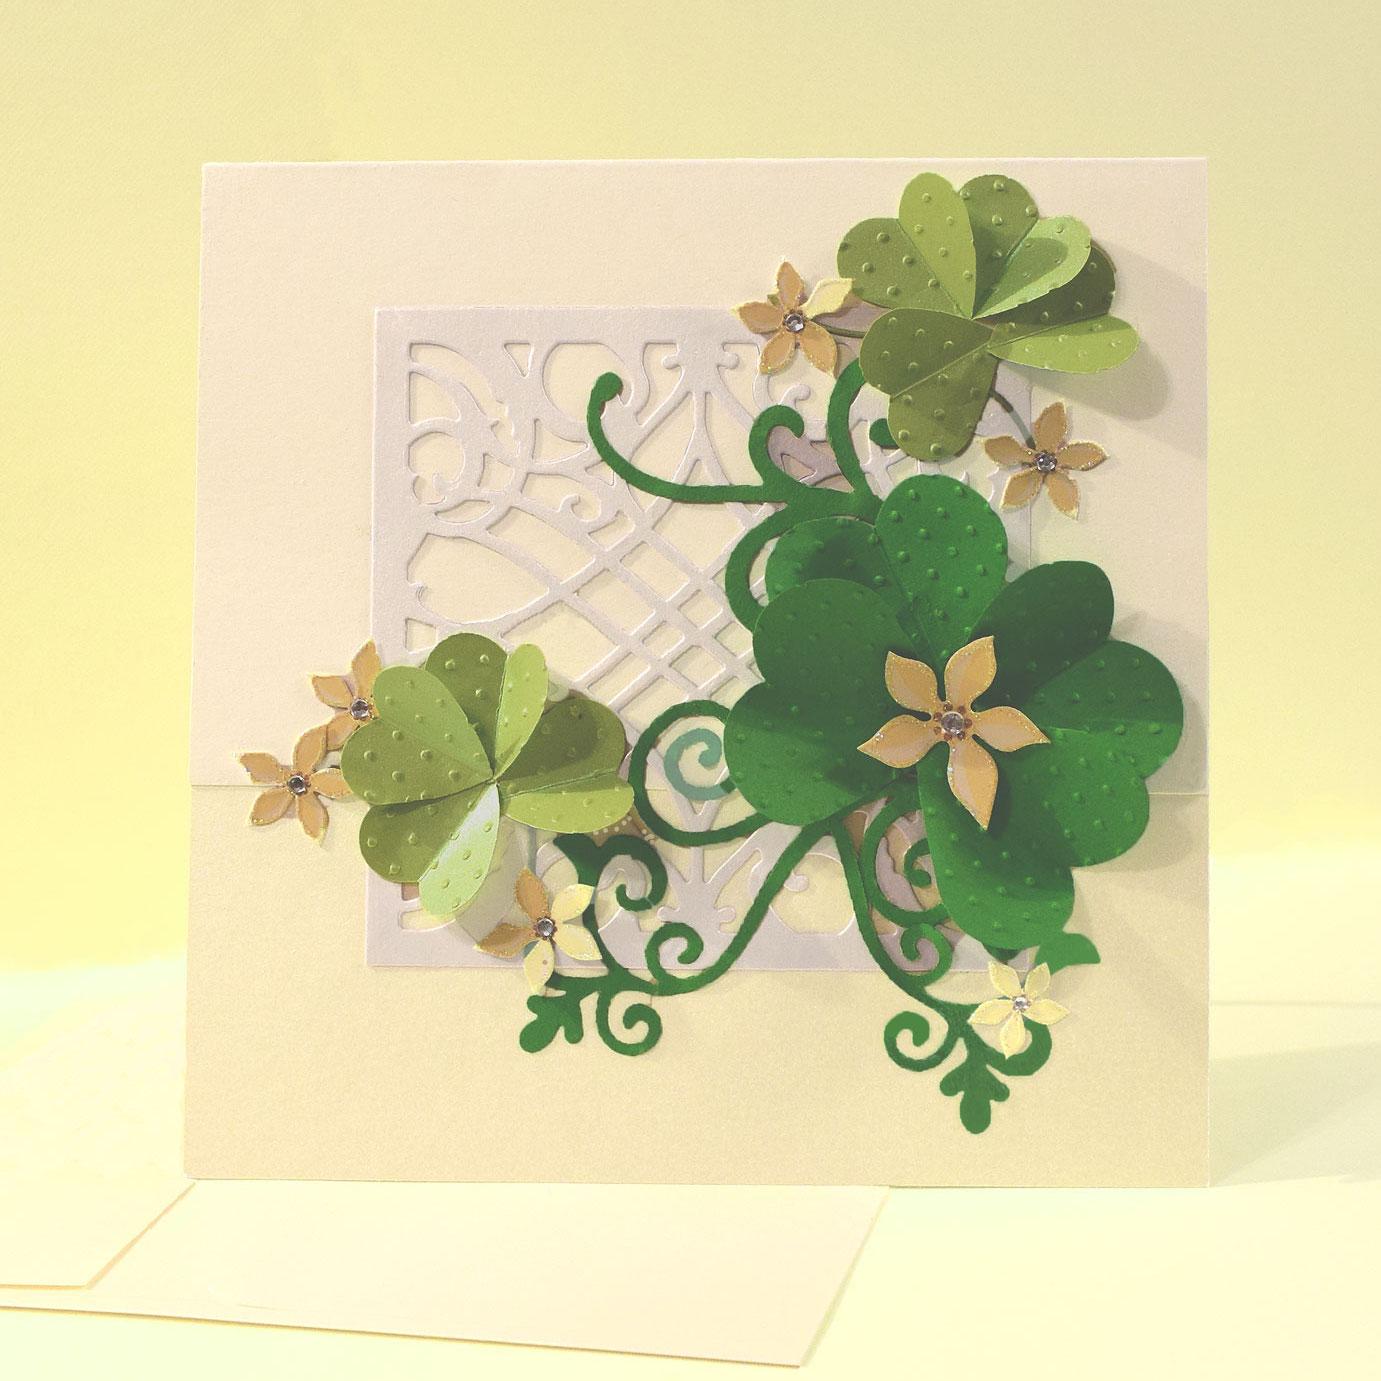 st. patrick's day card - PaperPapersStPatricksDayCard10 - St. Patrick's Day Card